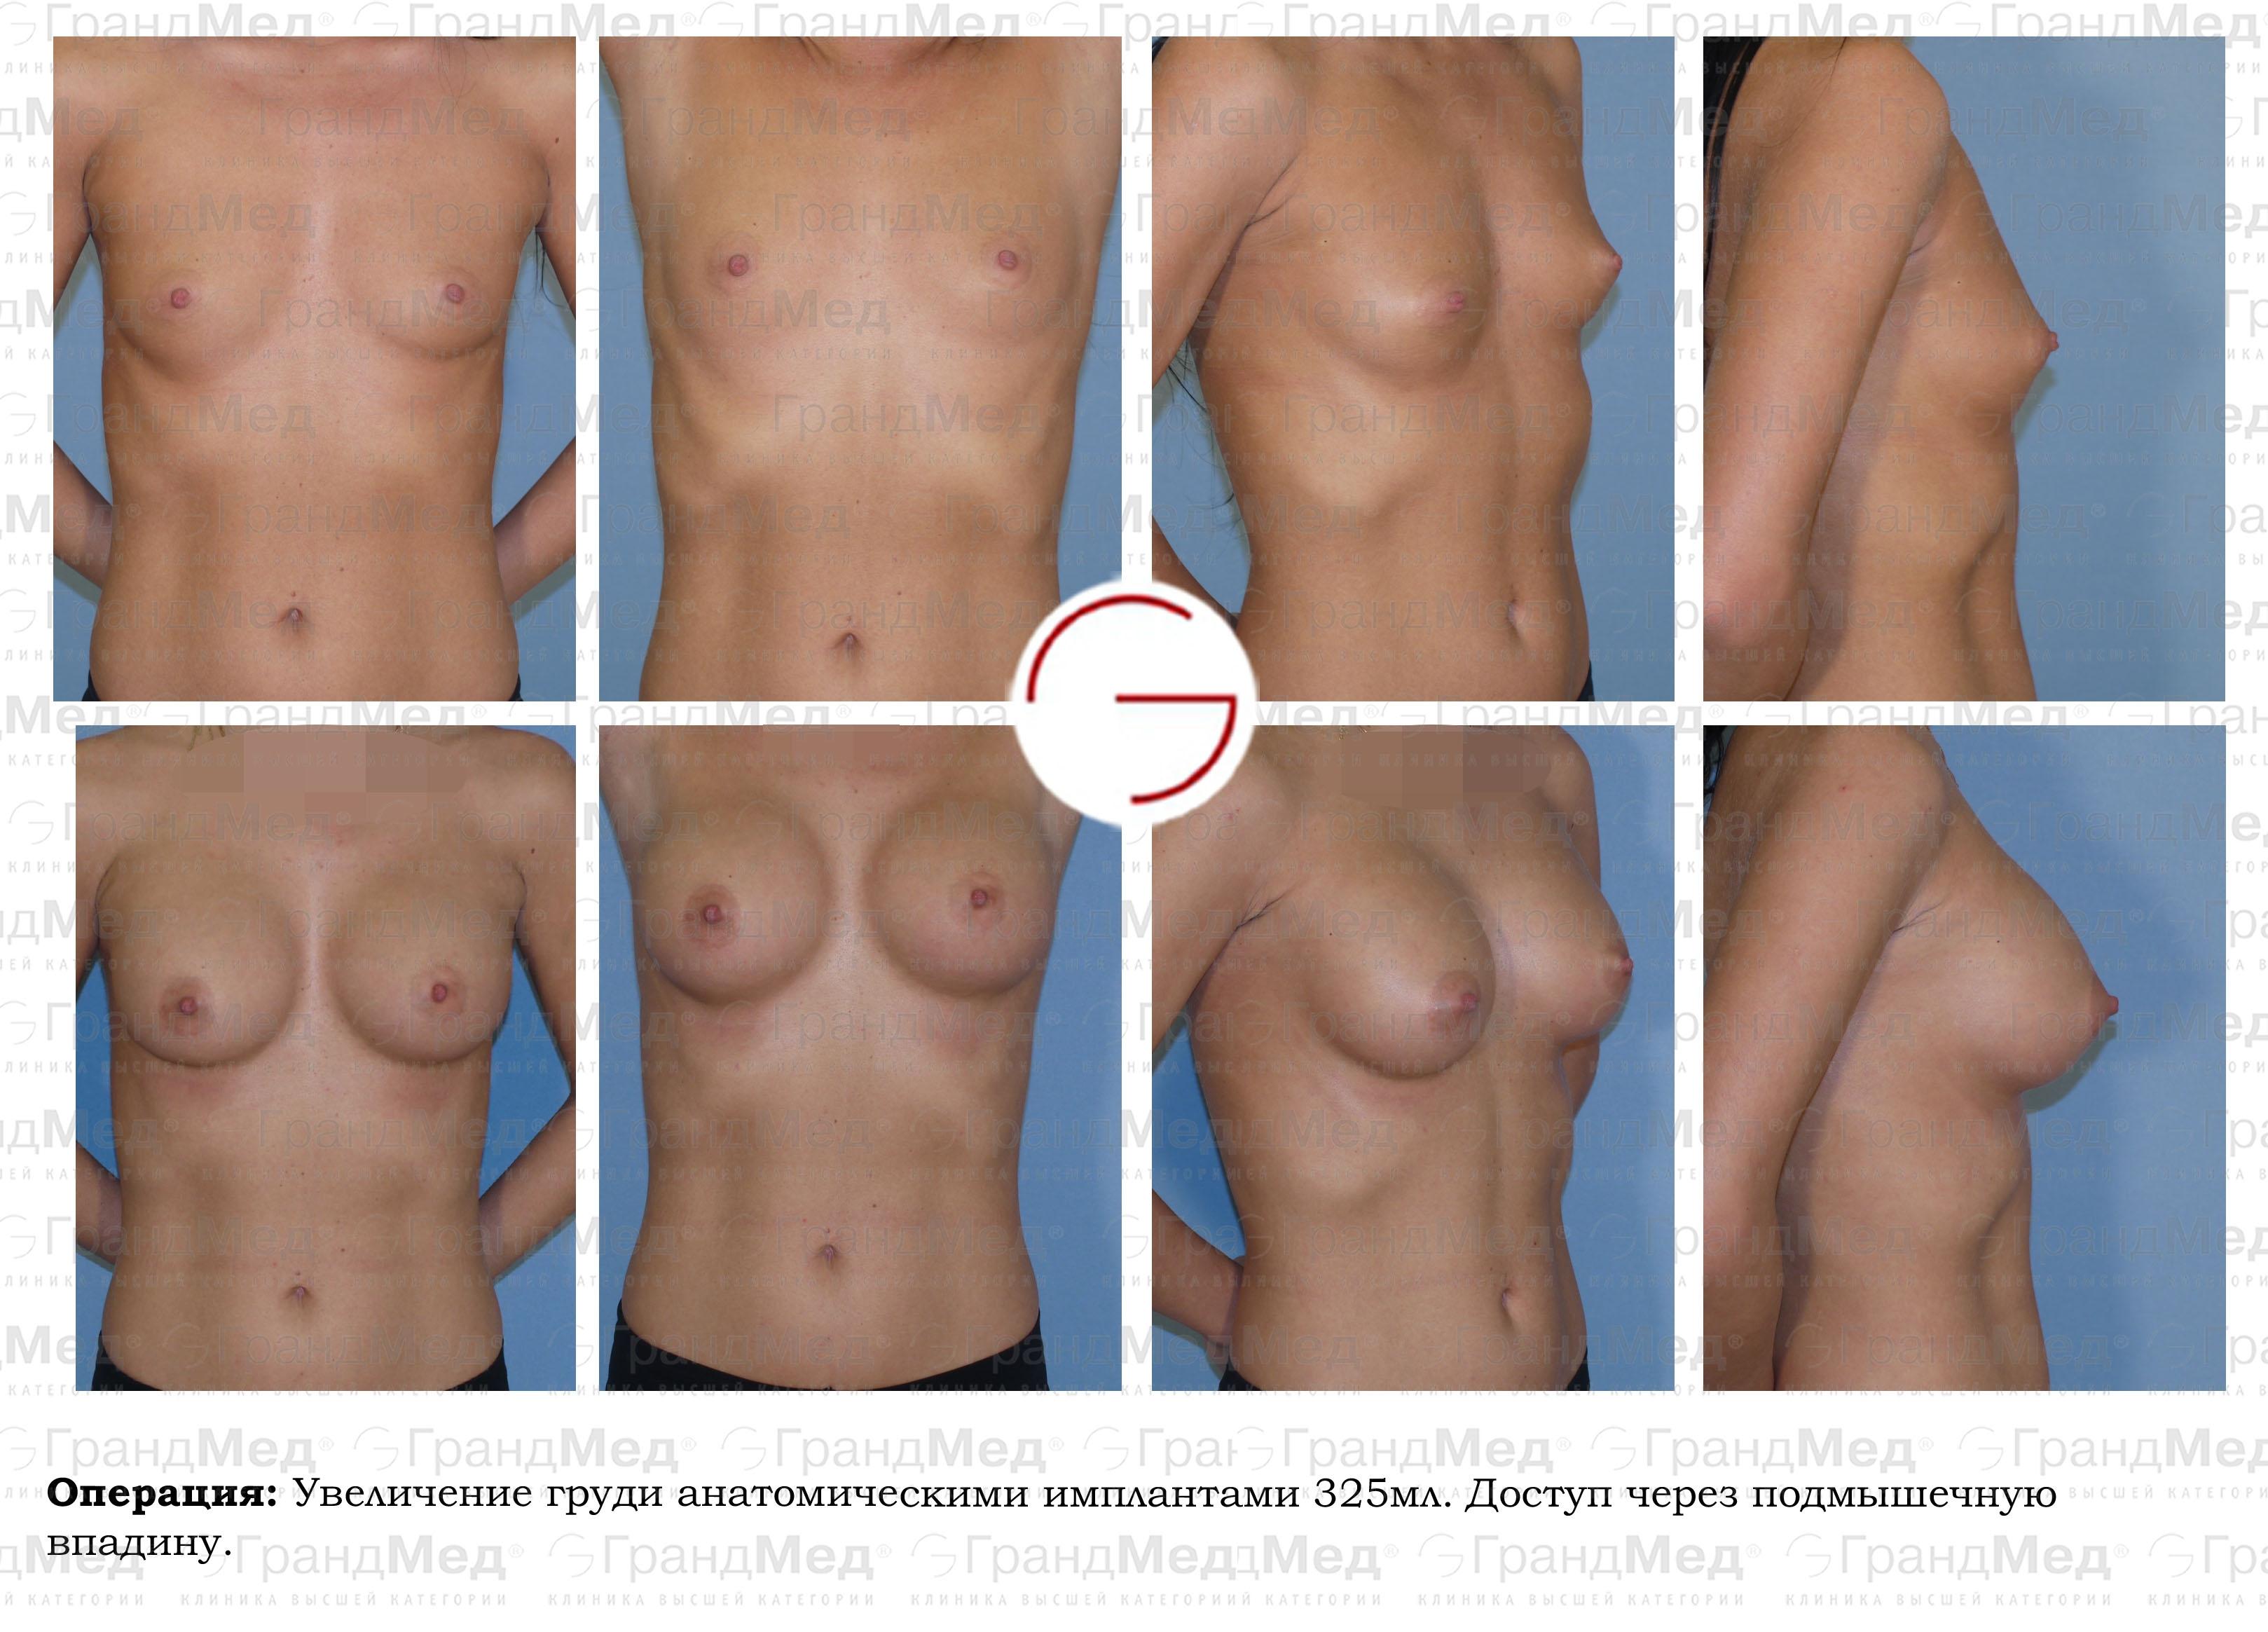 Увеличение груди имплант цены